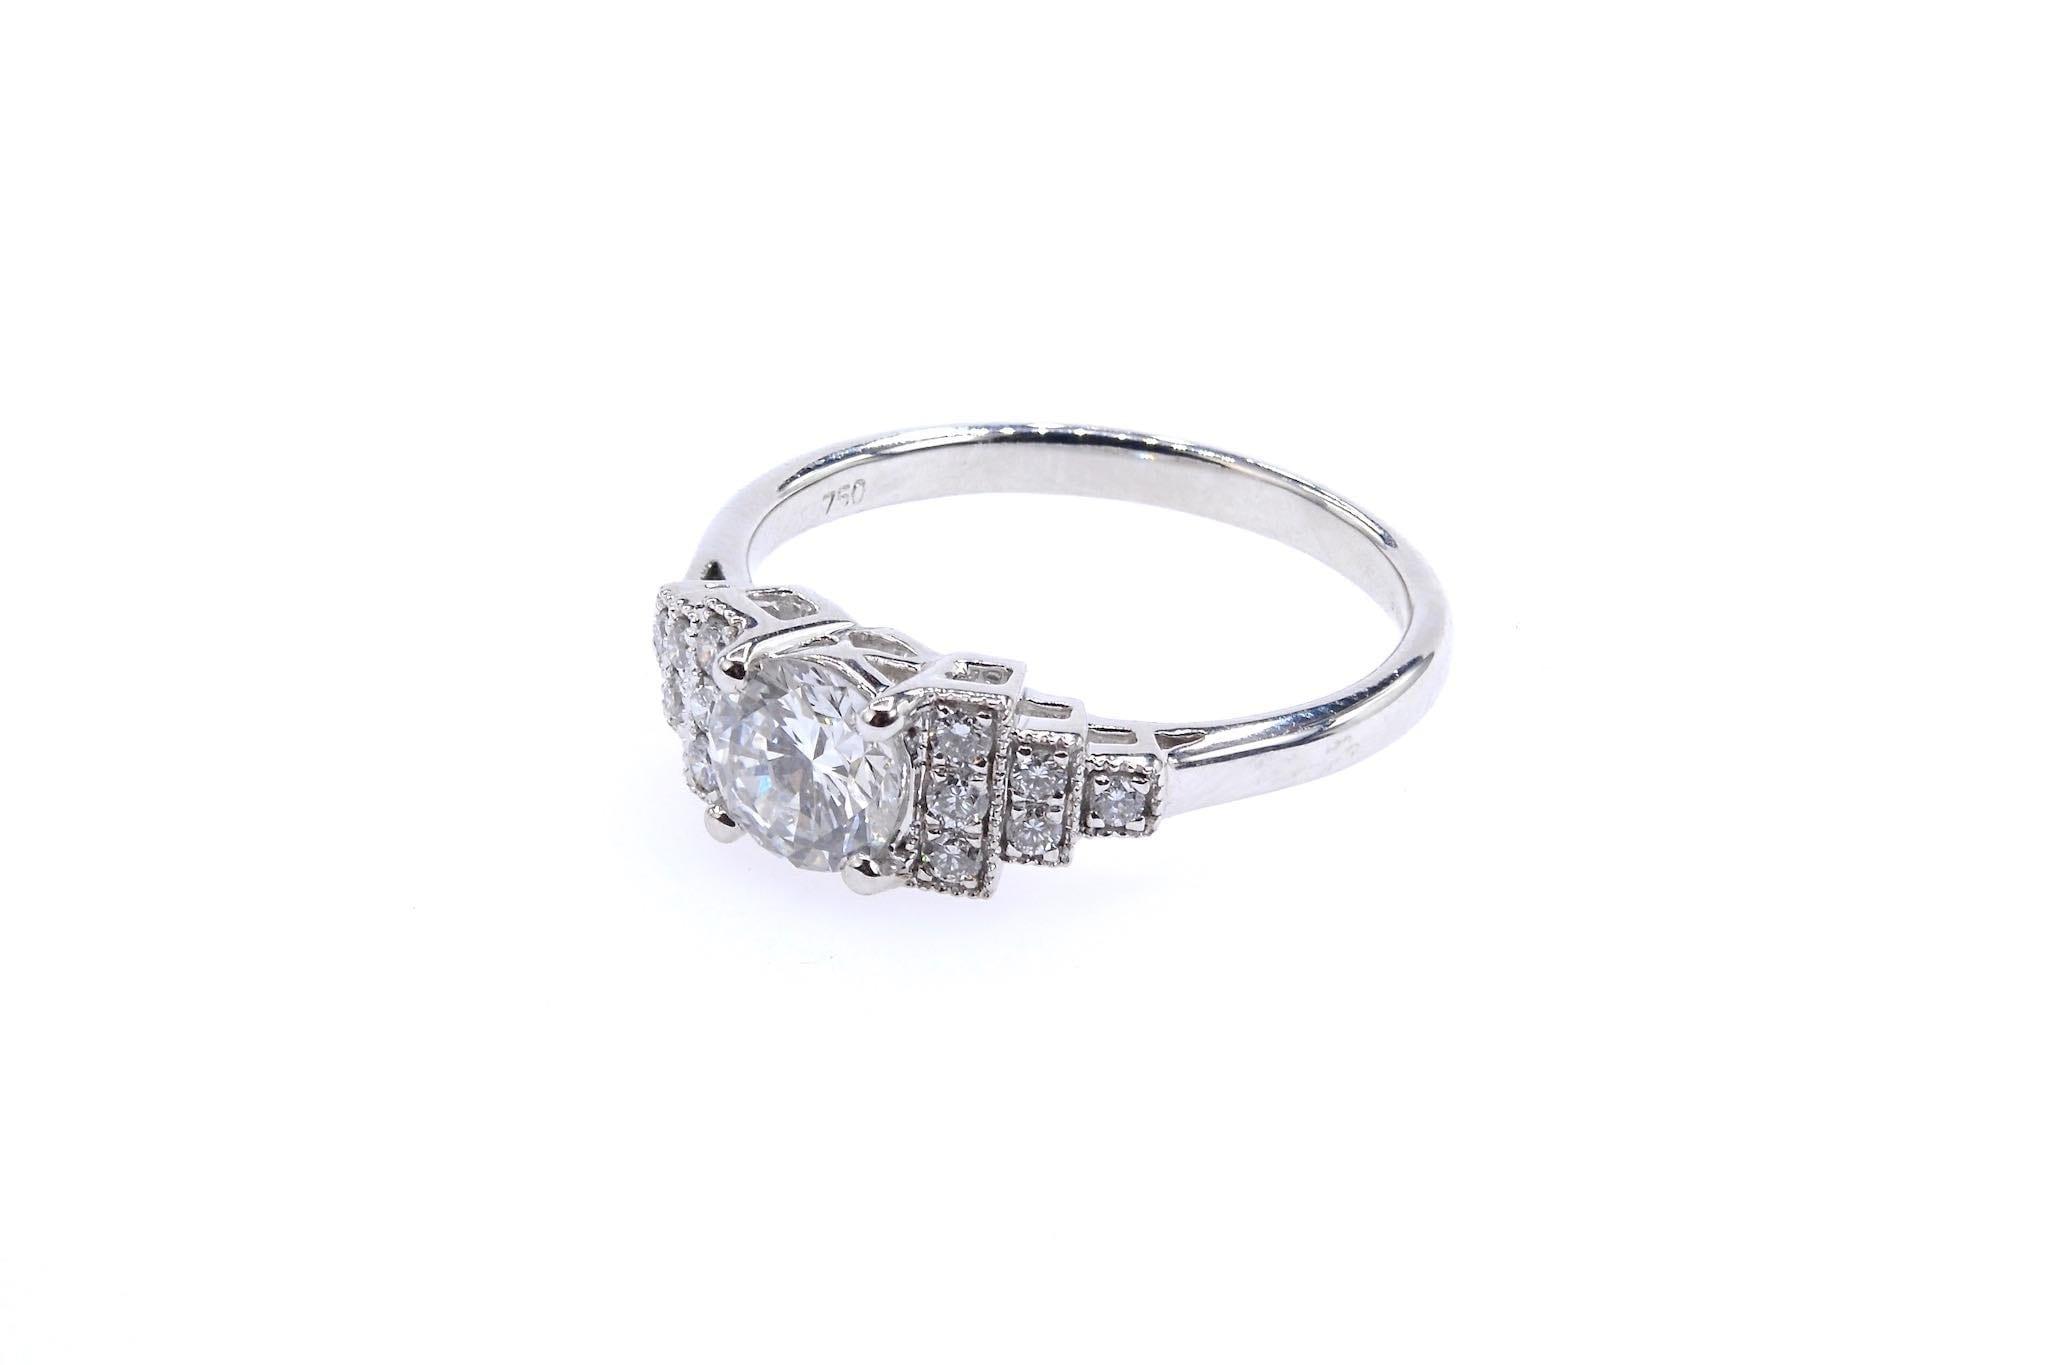 Bague diamant de style vintage Art Déco